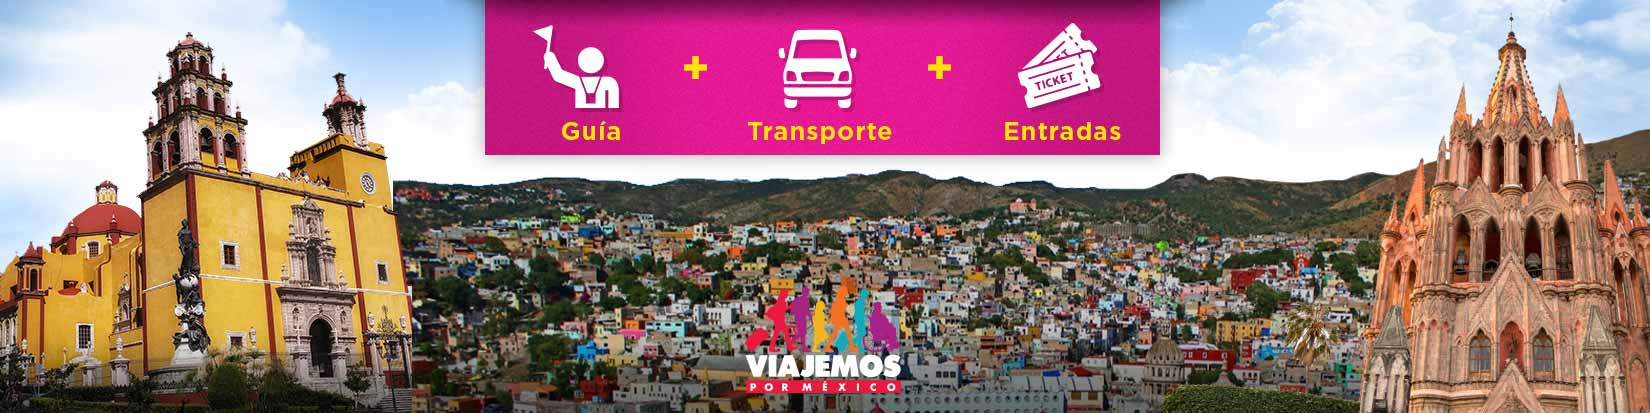 Tours / Excursiones en Guanajuato de hasta 10 hrs